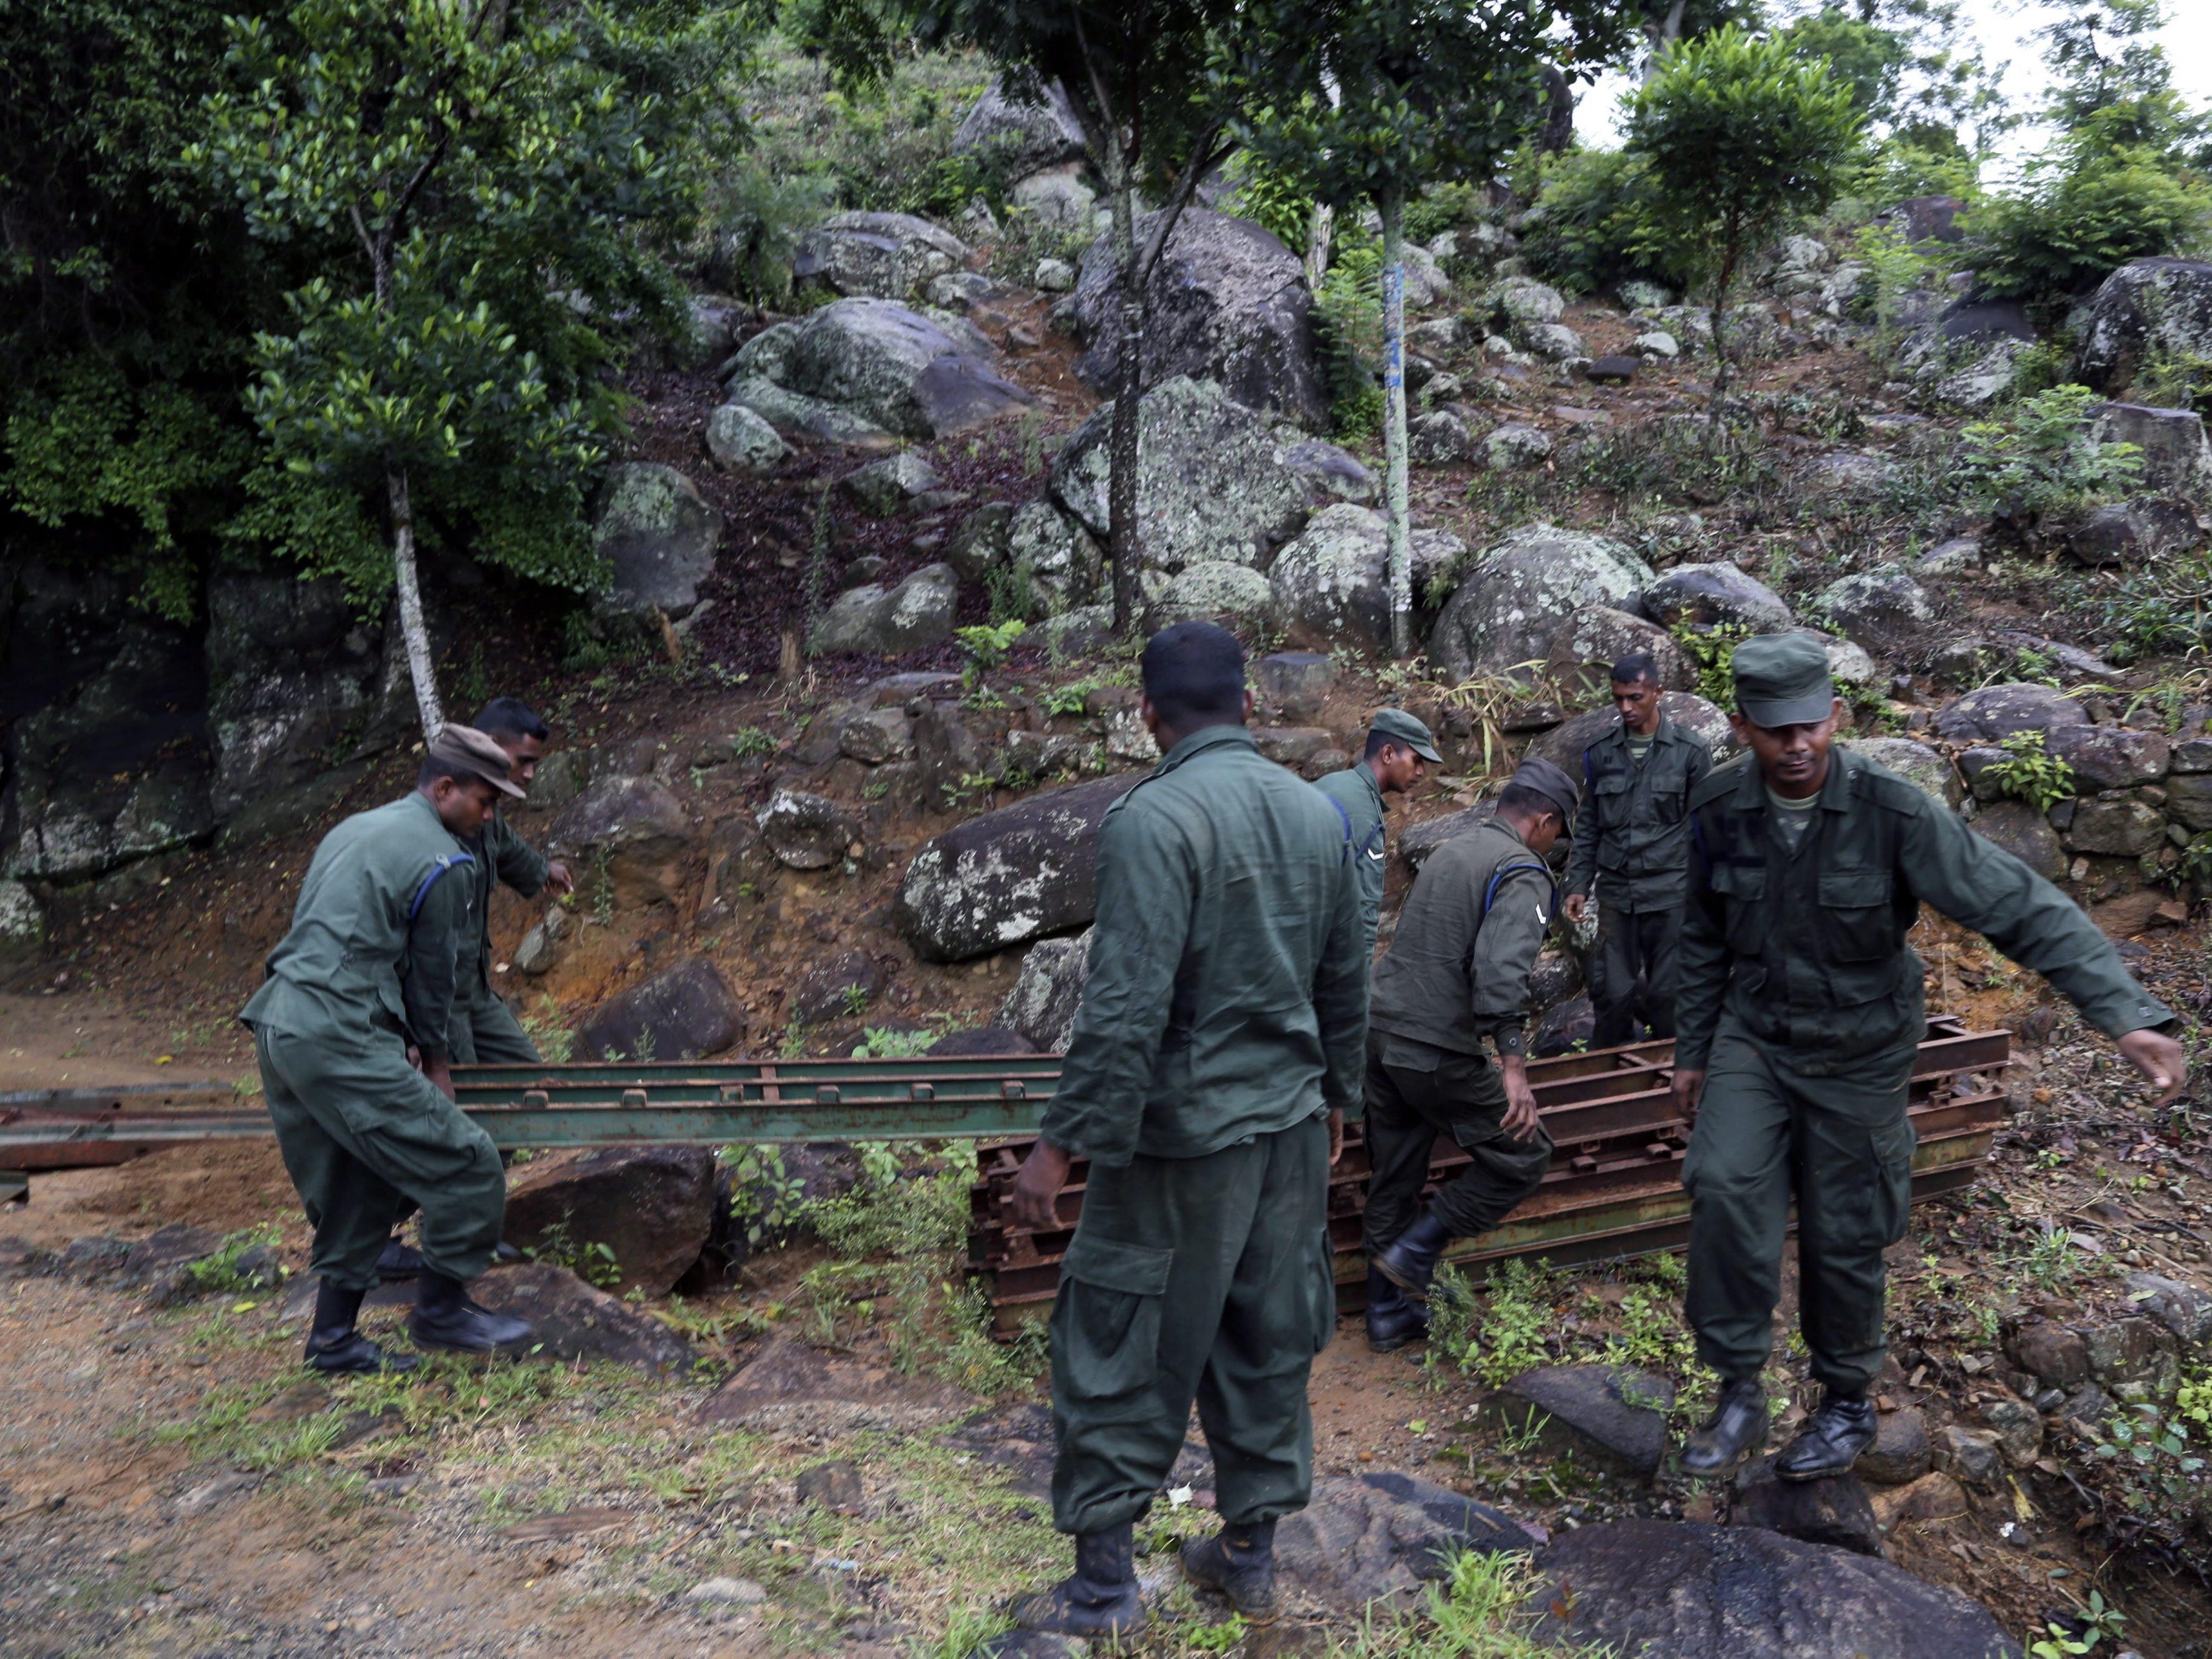 Etwa 500 Soldaten suchen nach Überlebenden